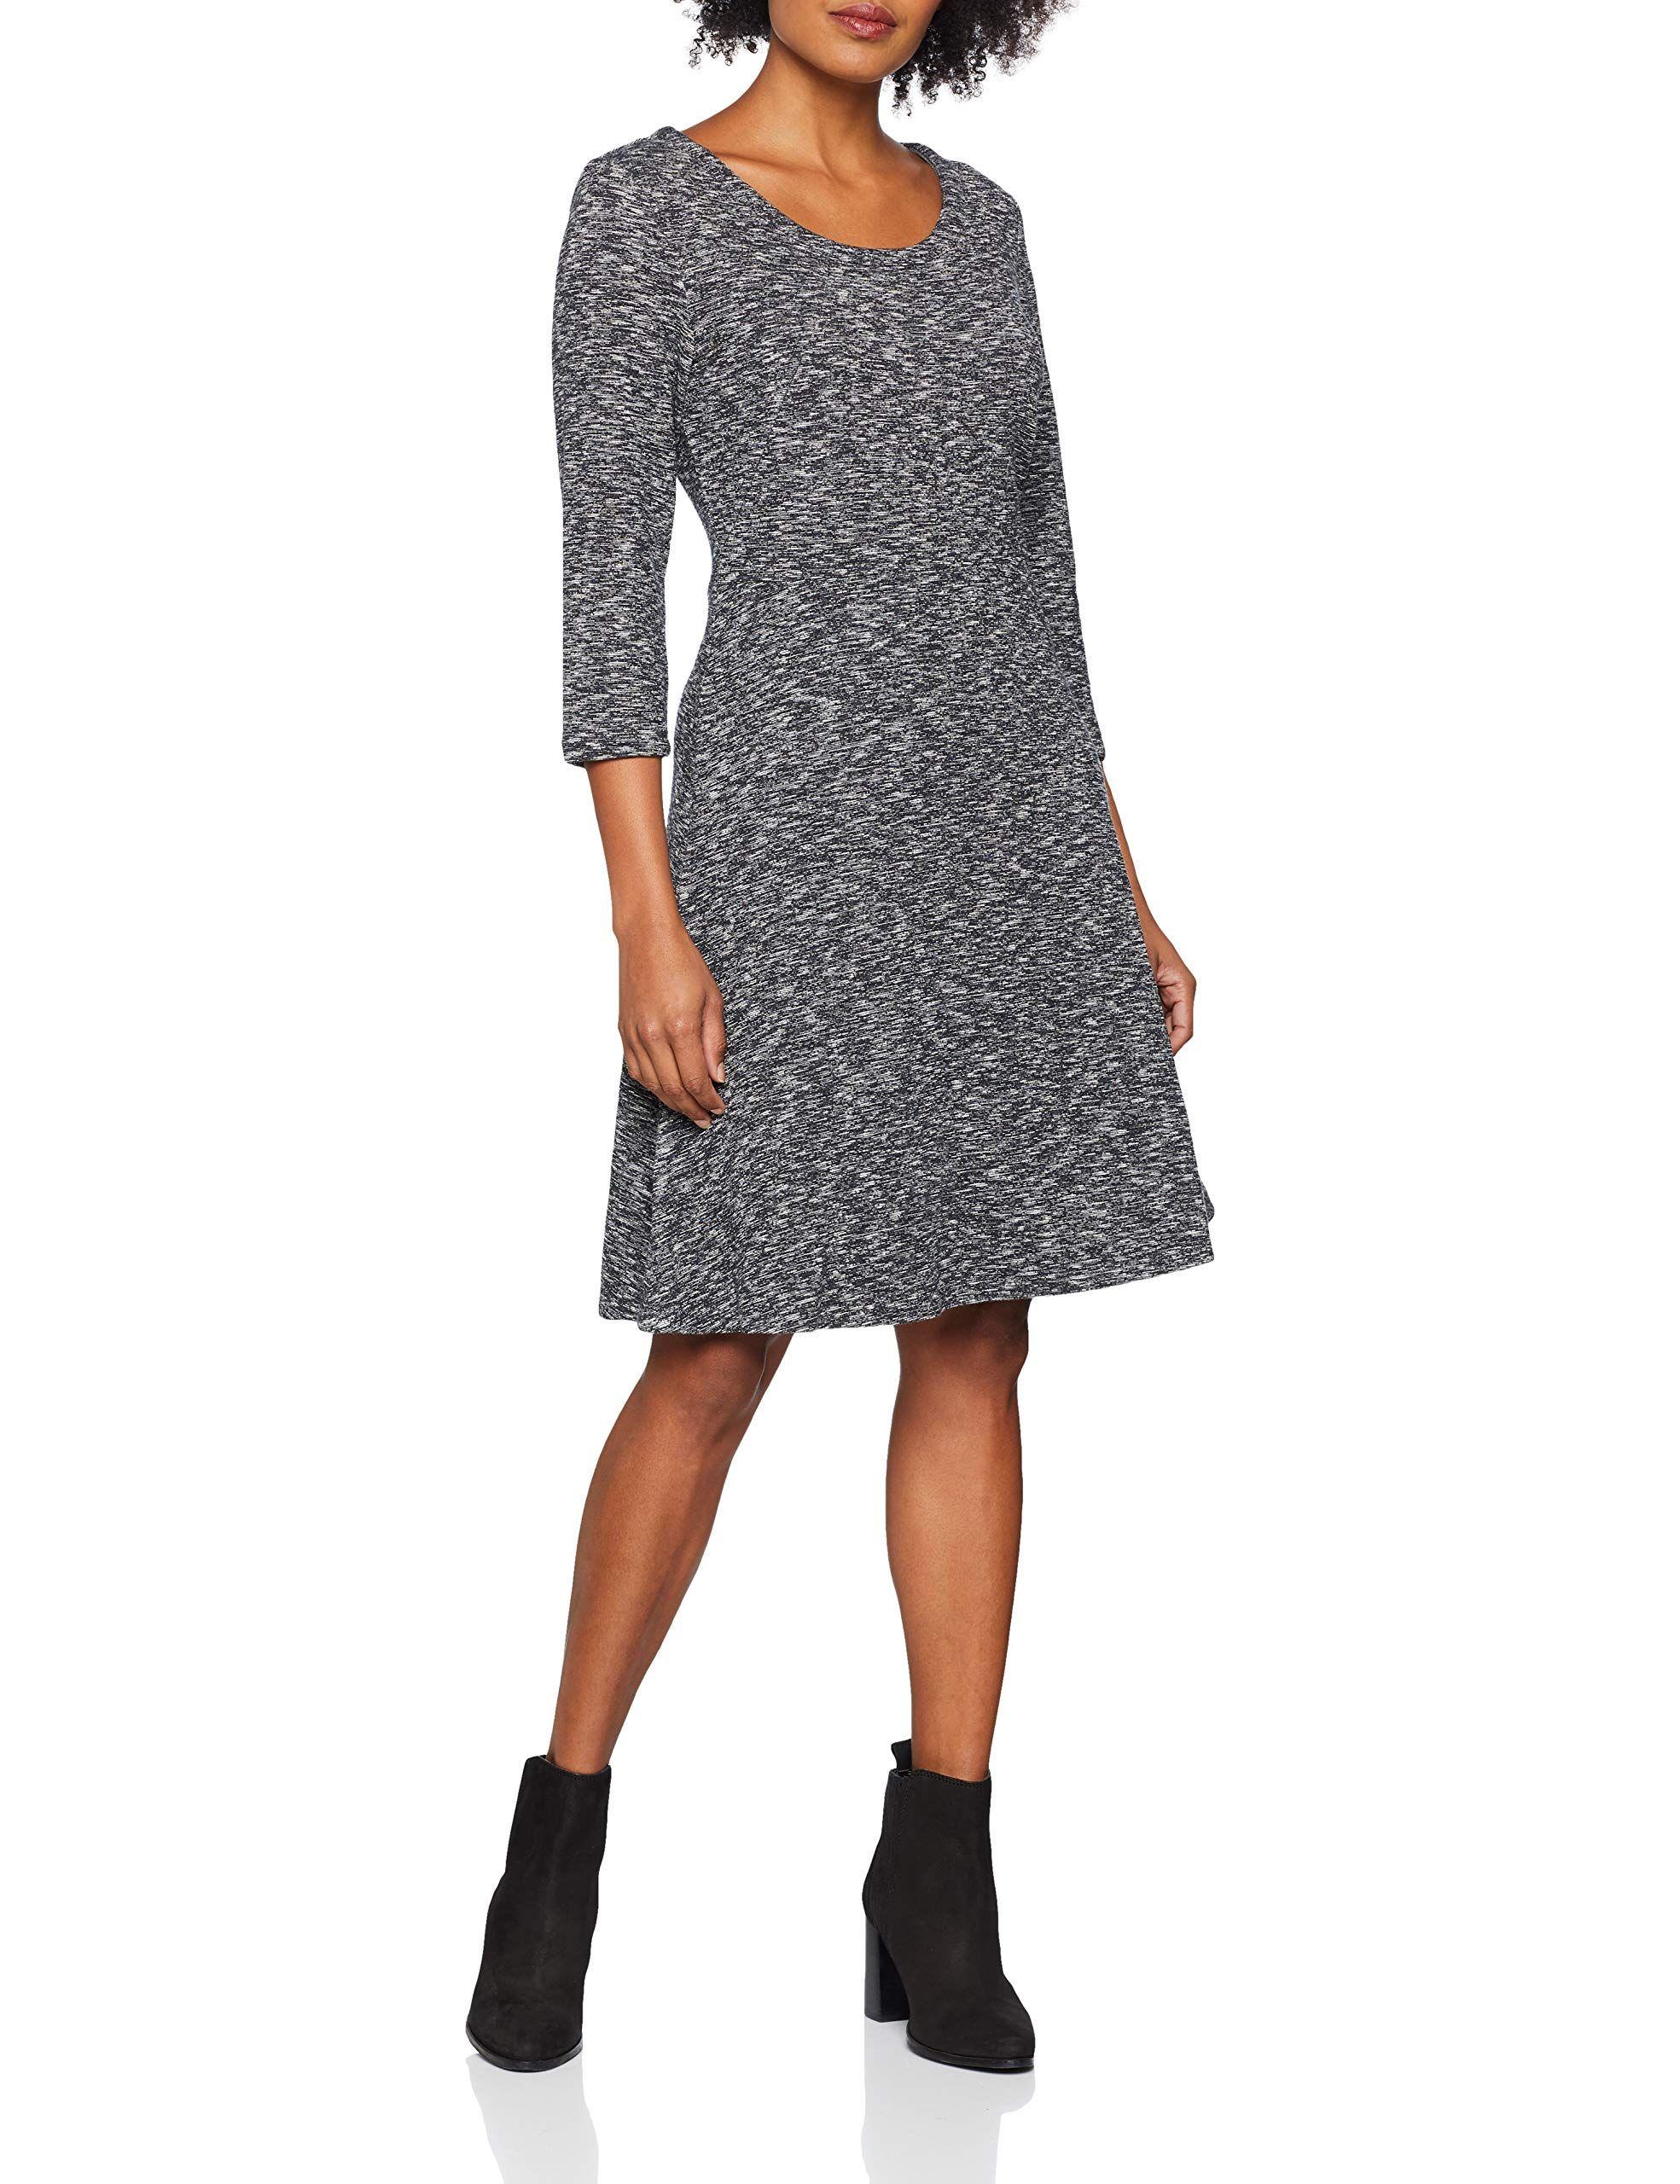 betty barclay damen kleid in 2020 | sweater dress, fashion